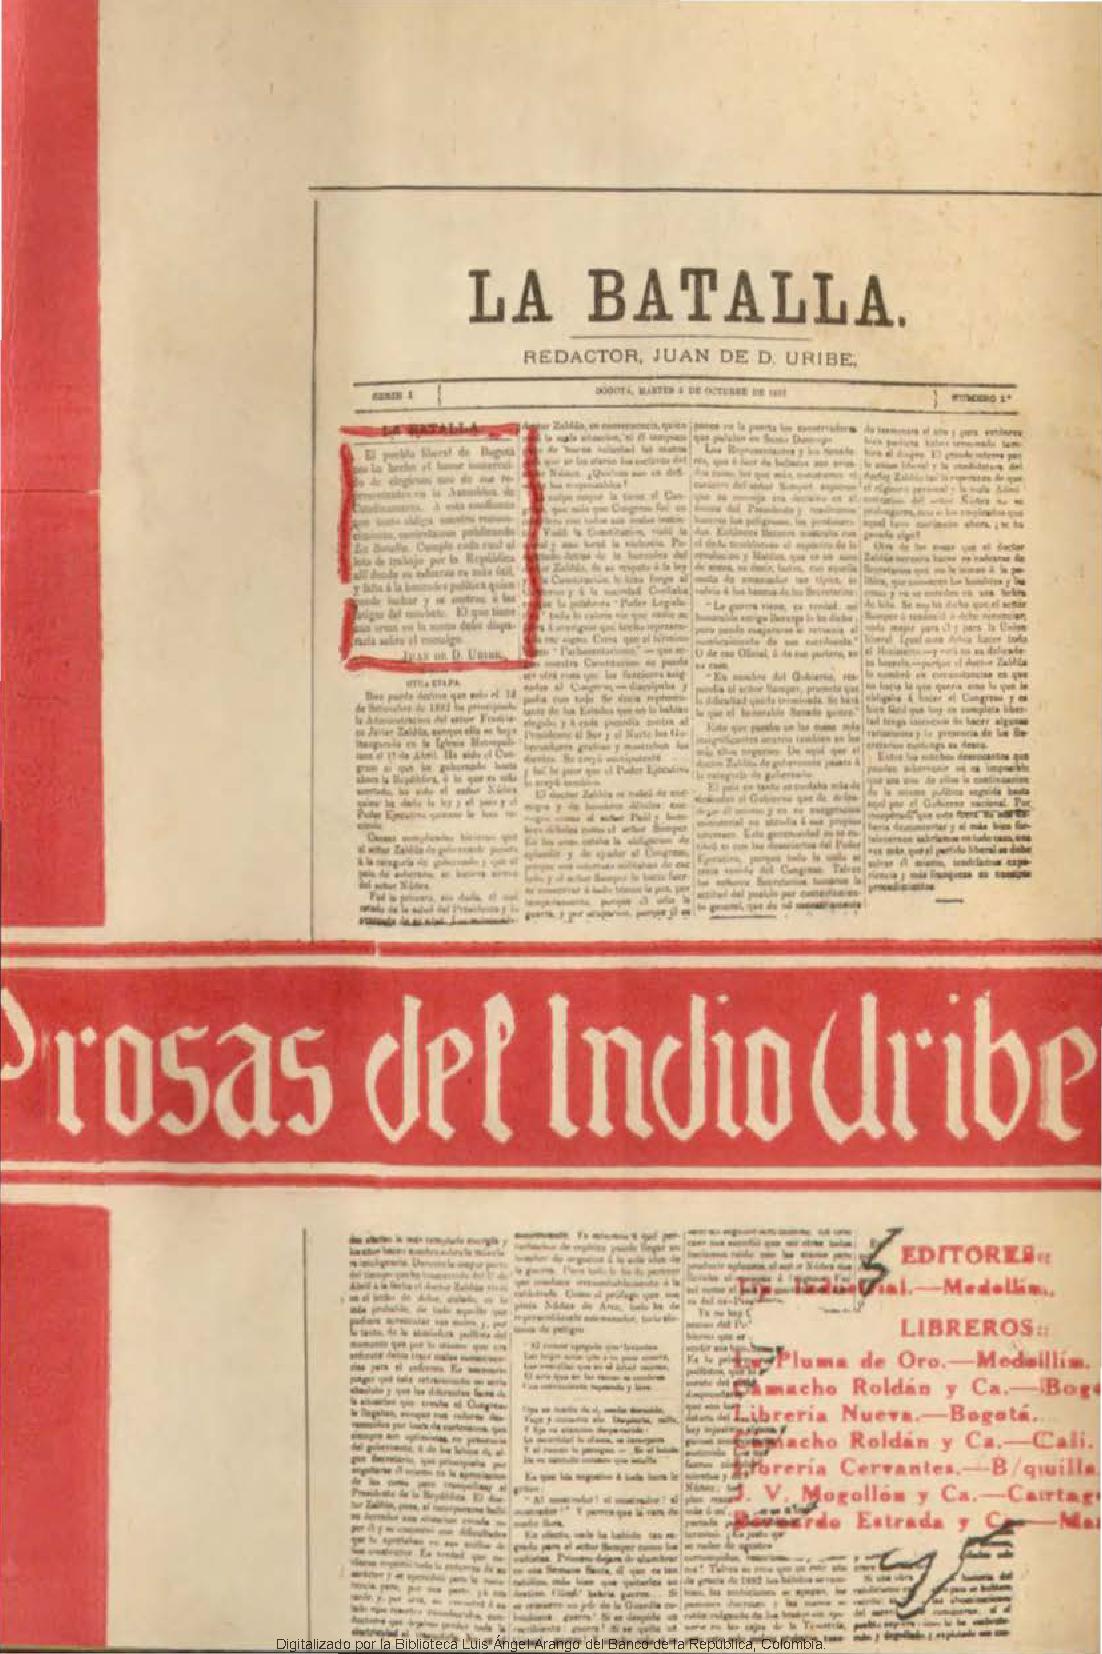 Prosas del indio Uribe - Obras generales - Colecciones digitales -  Biblioteca Virtual del Banco de la República